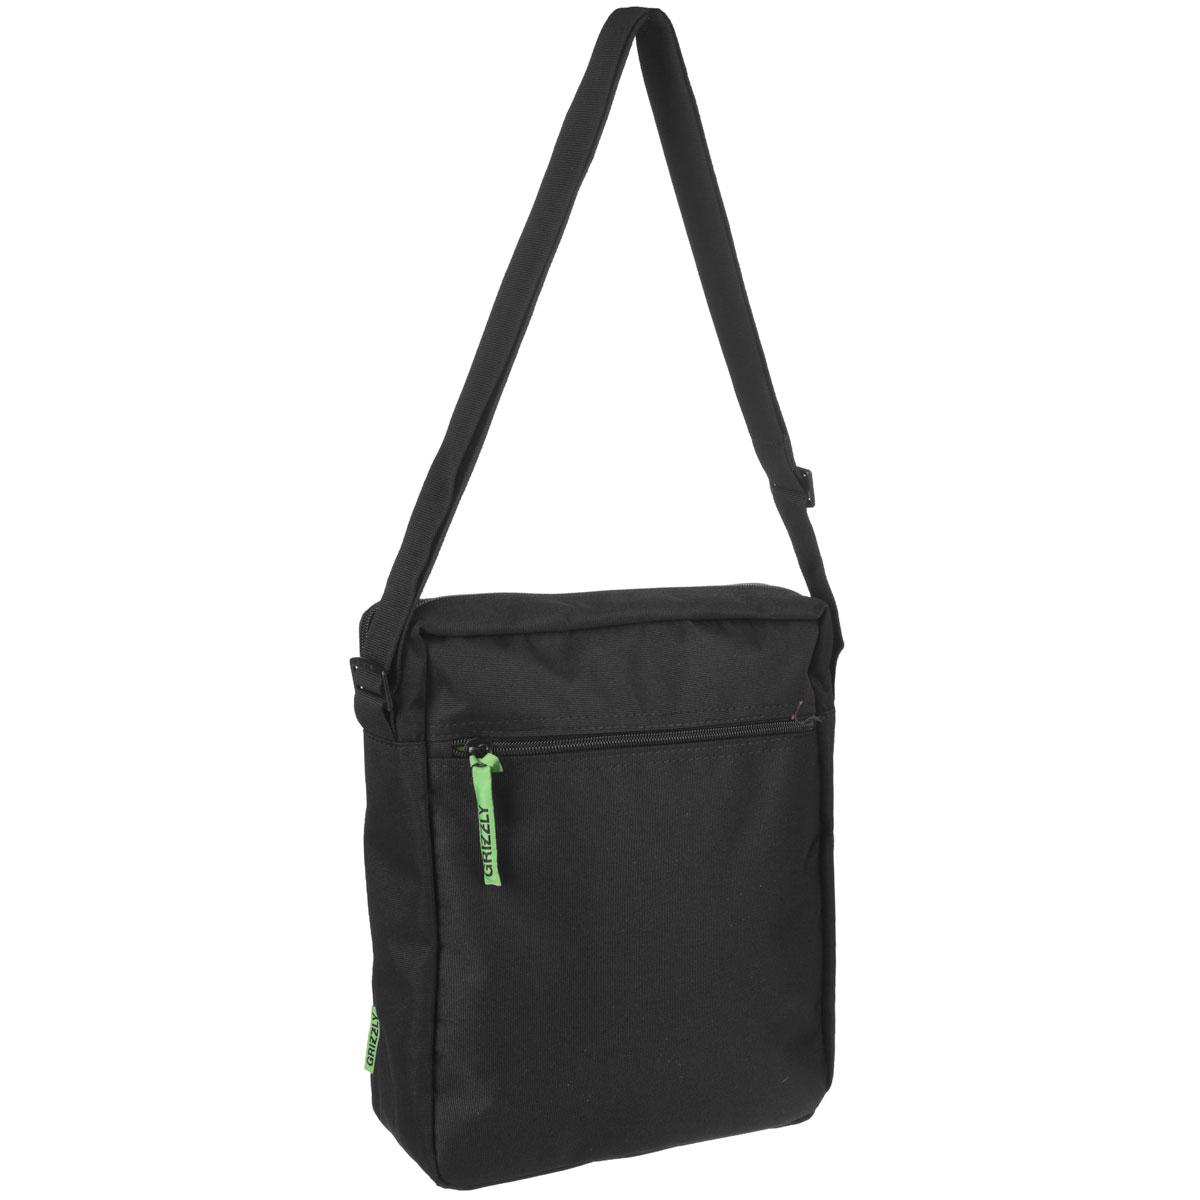 Молодежная сумка с одним отделением, с плоским карманом на передней и задней стенке, внутренним карманом для документов , с регулируемым плечевым ремнем